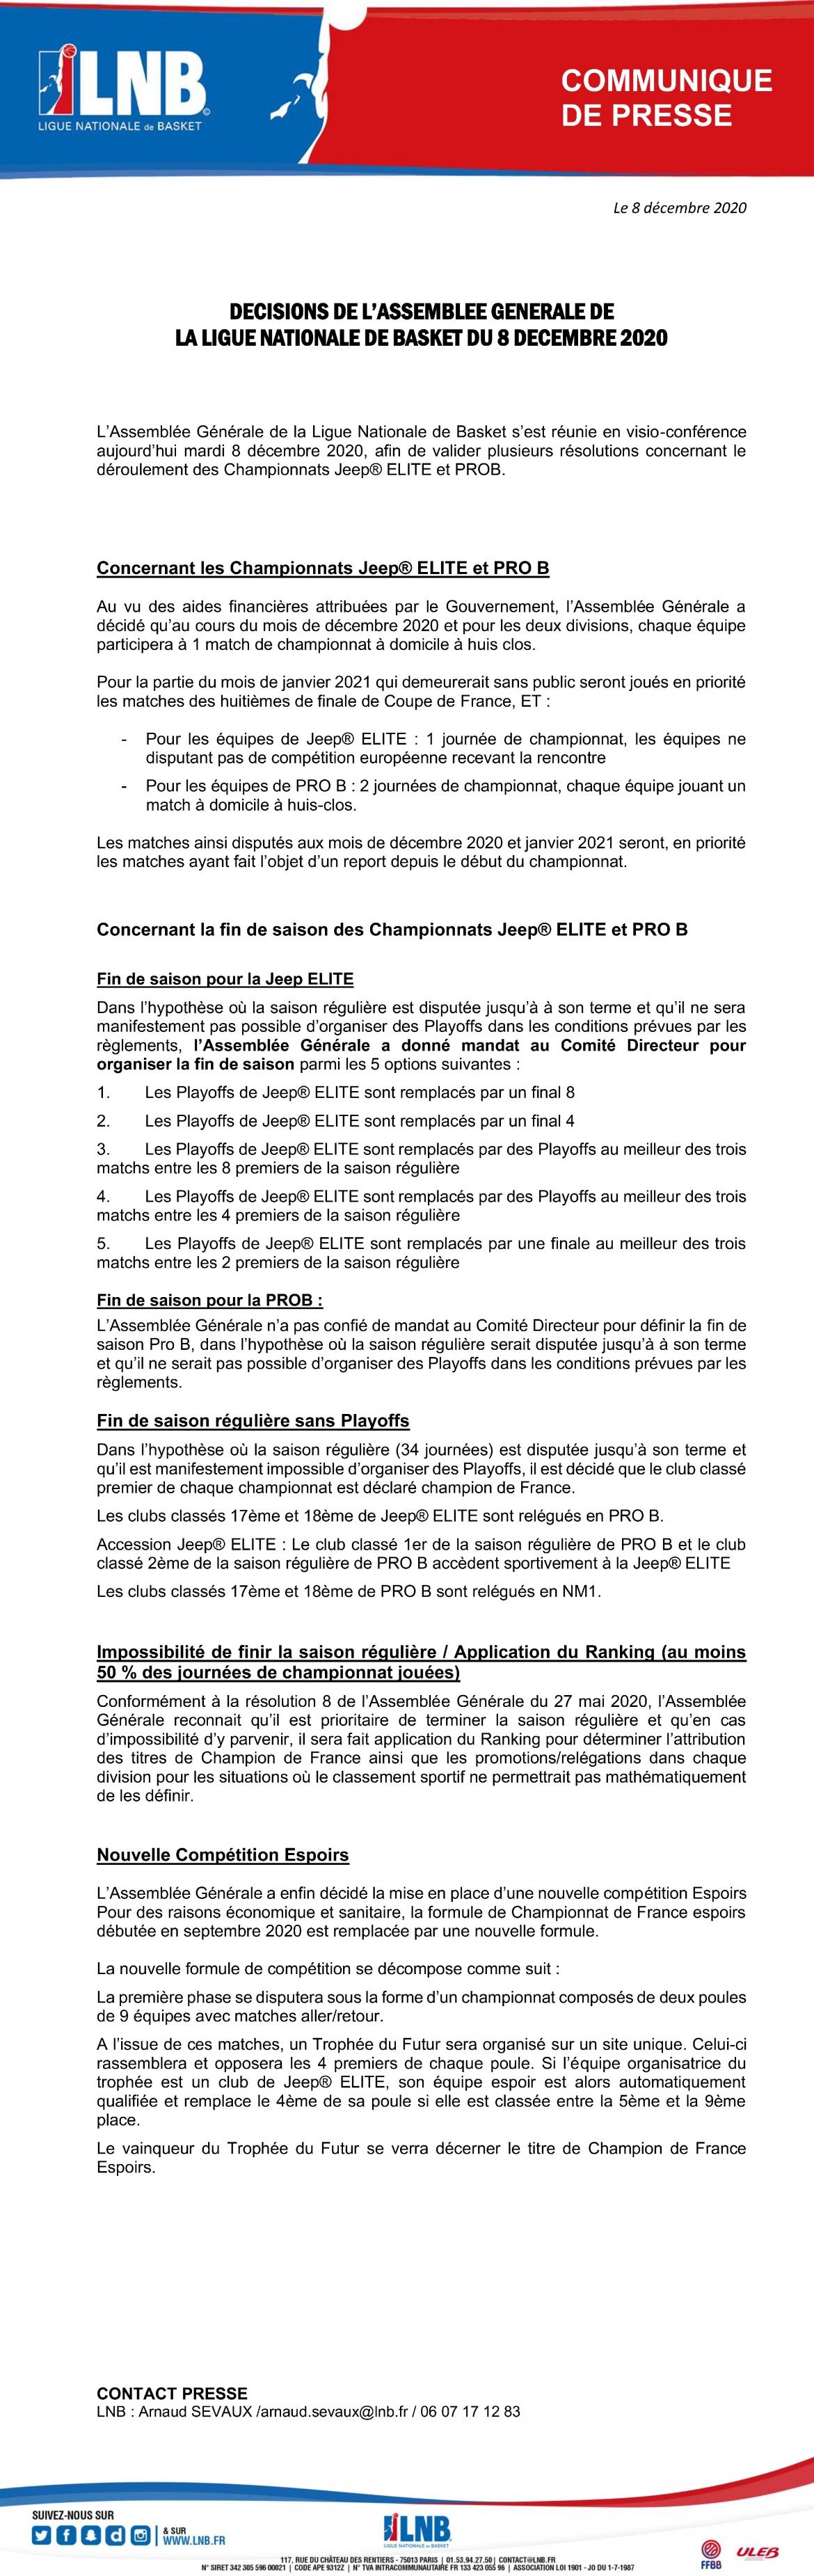 cp20201208-decisions-de-l-assemblee-generale-du-8-decembre-2020-2.jpg